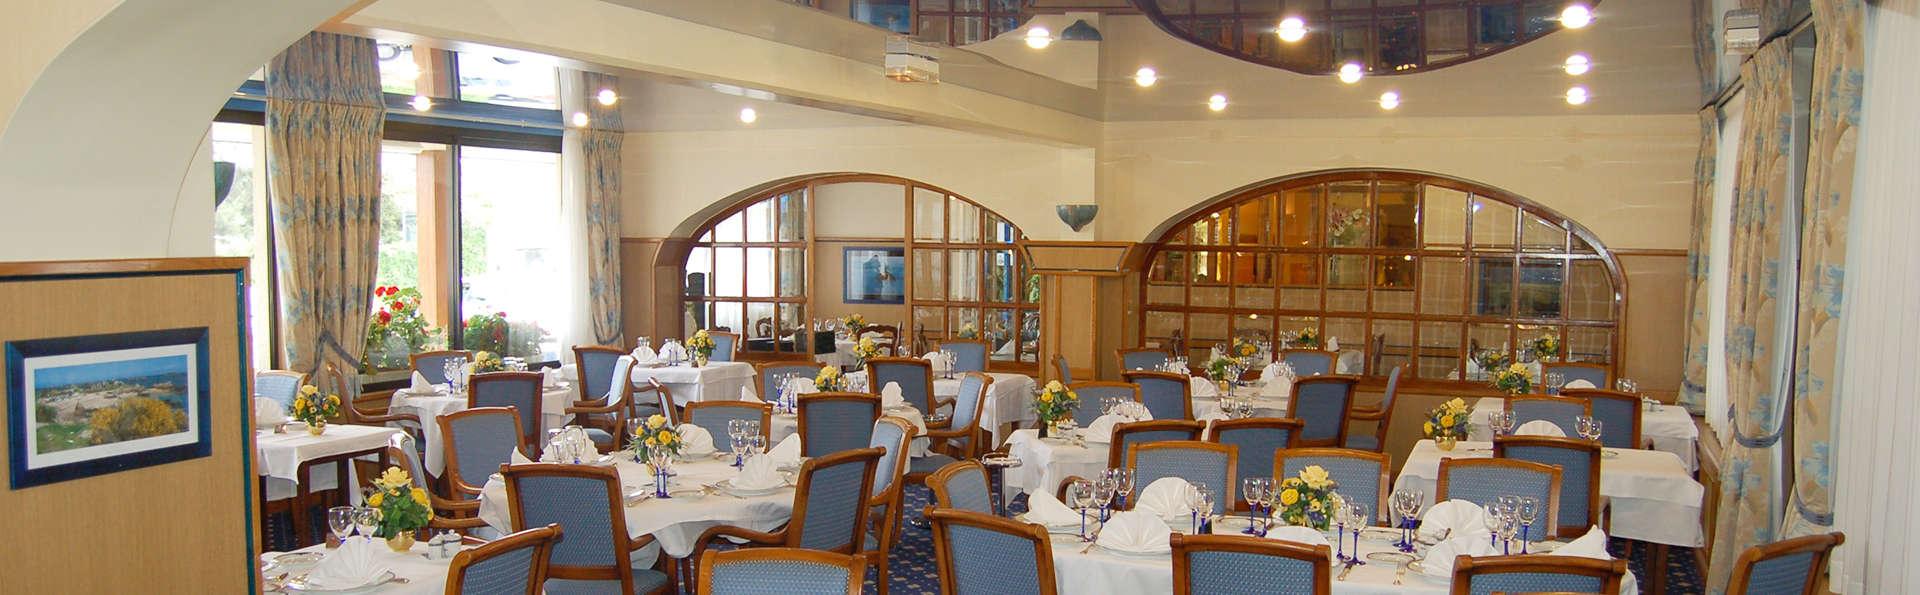 Hôtel Les 13 Assiettes - EDIT_restaurant1.jpg